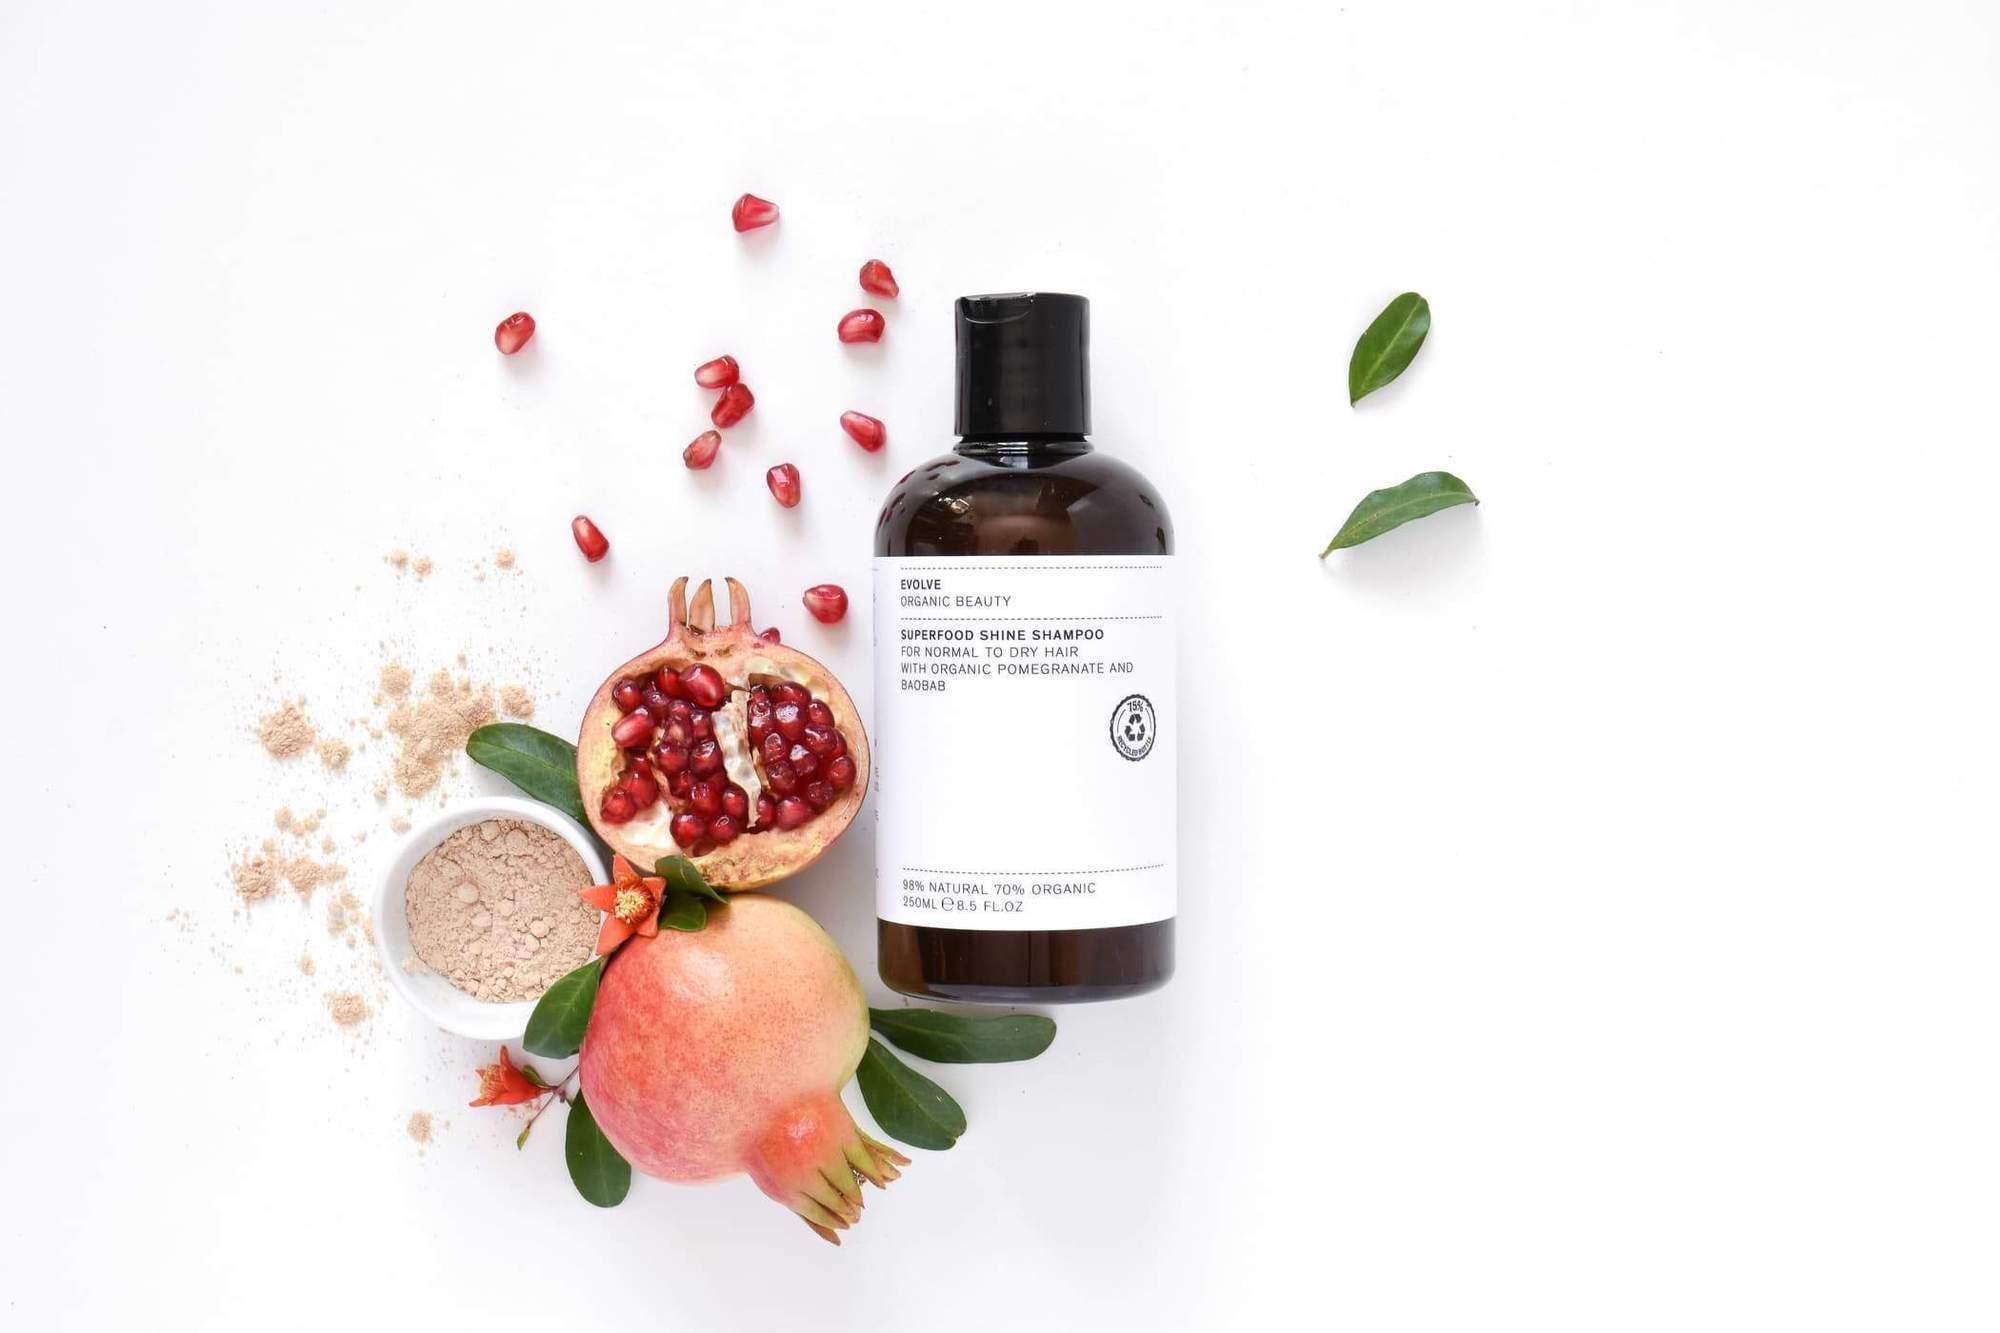 evolve-beauty-shampoo-superfood-shine-natural-shampoo-4729172918316_2000x.jpg